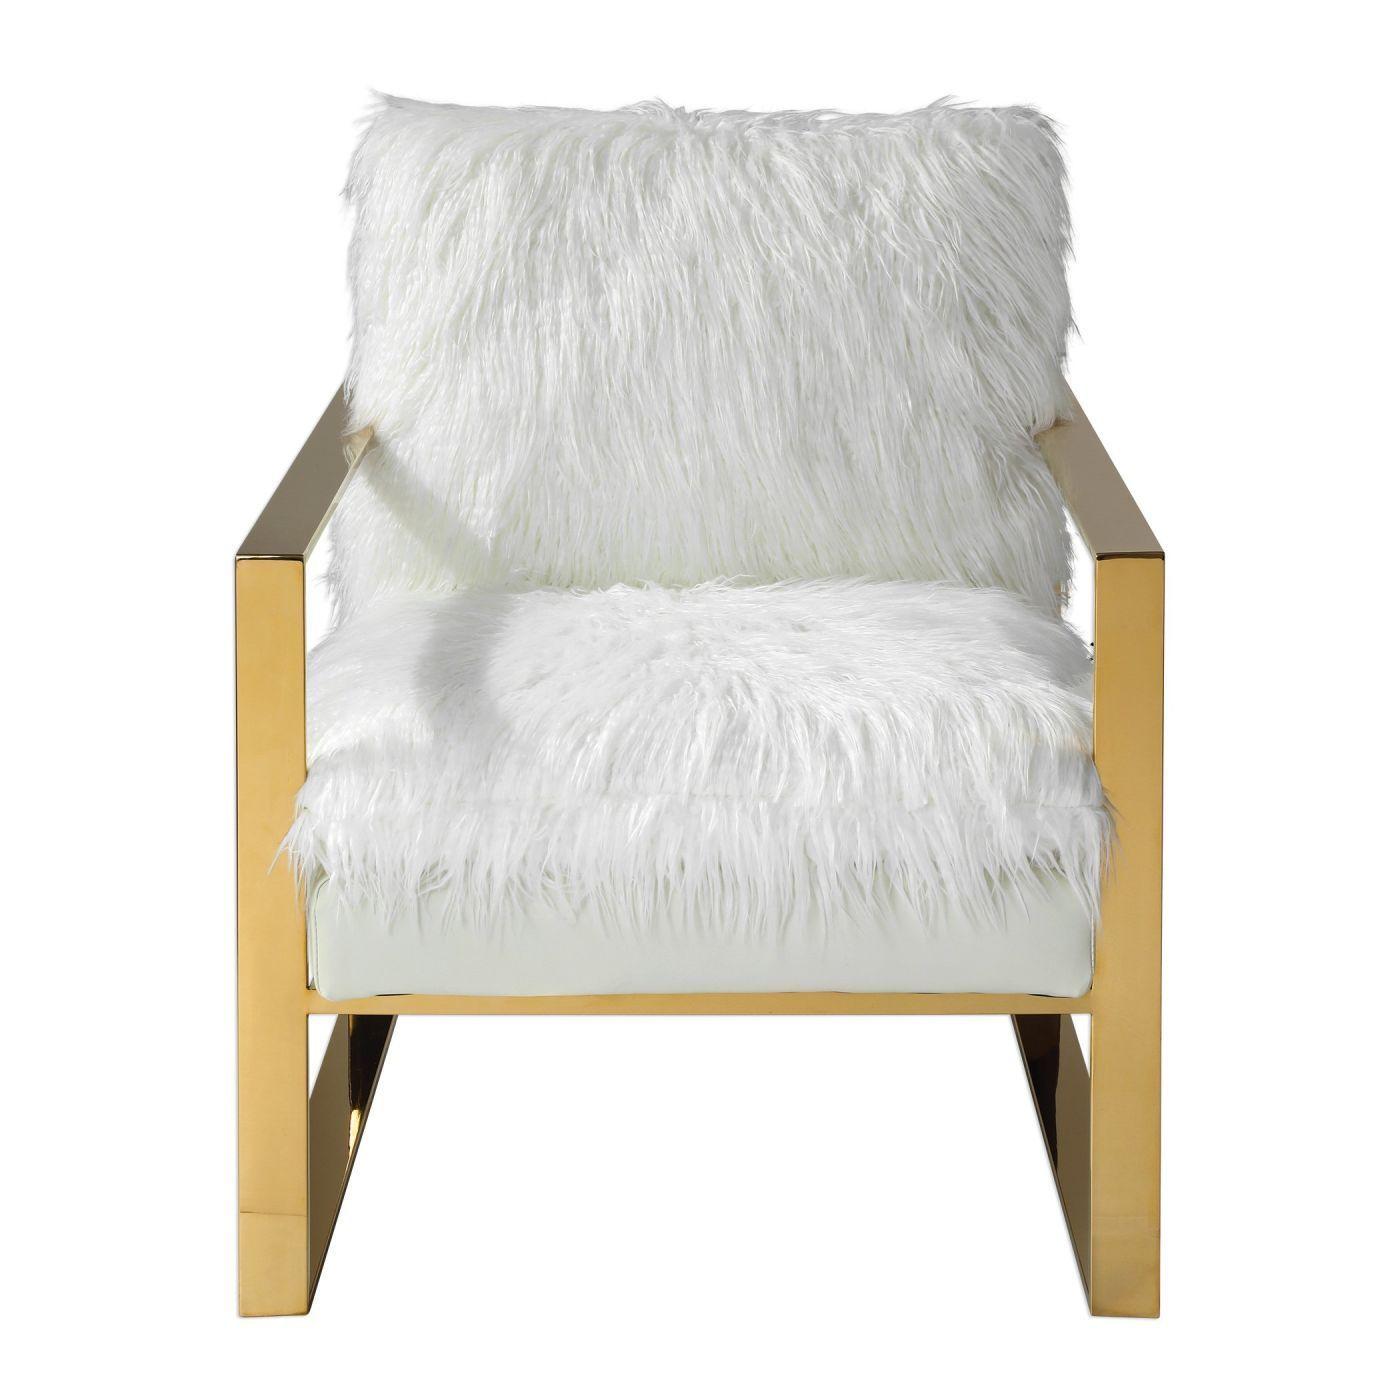 Buy Uttermost Utt 23438 Delphine White Accent Chair White